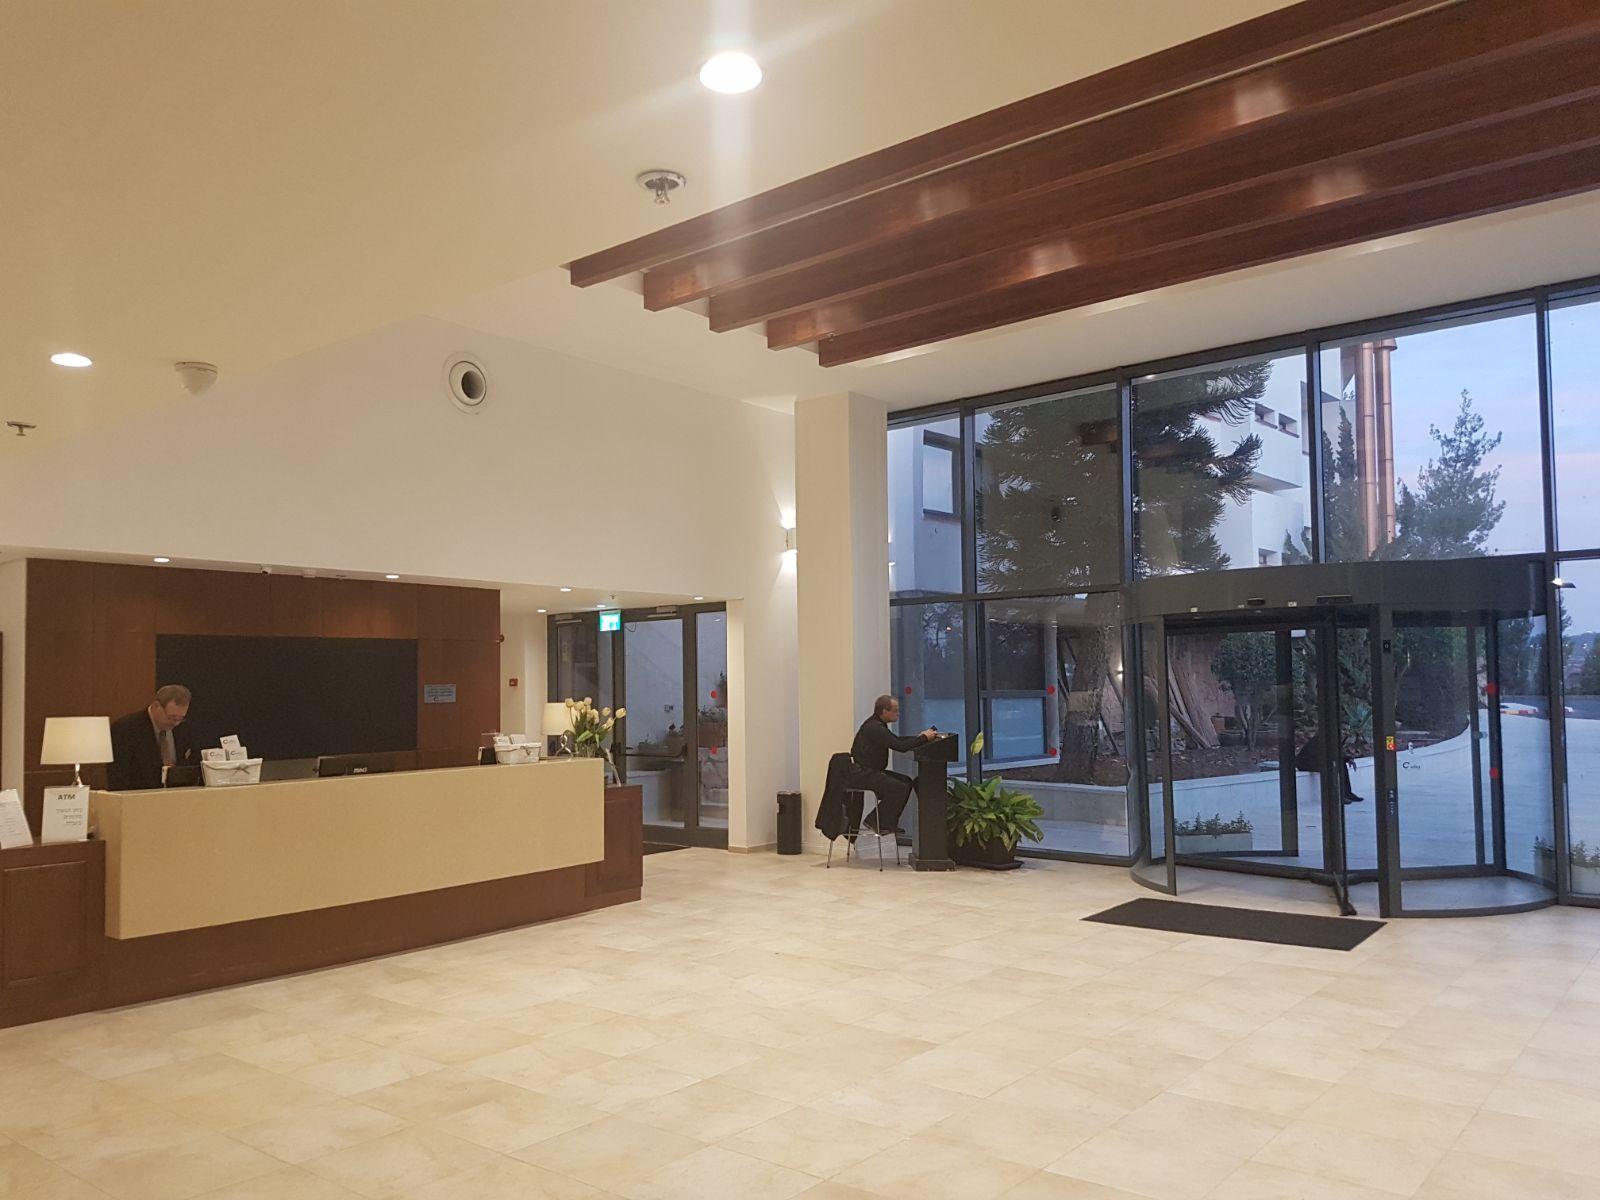 מלון C HOTEL, נווה אילן תמונה מספר 4